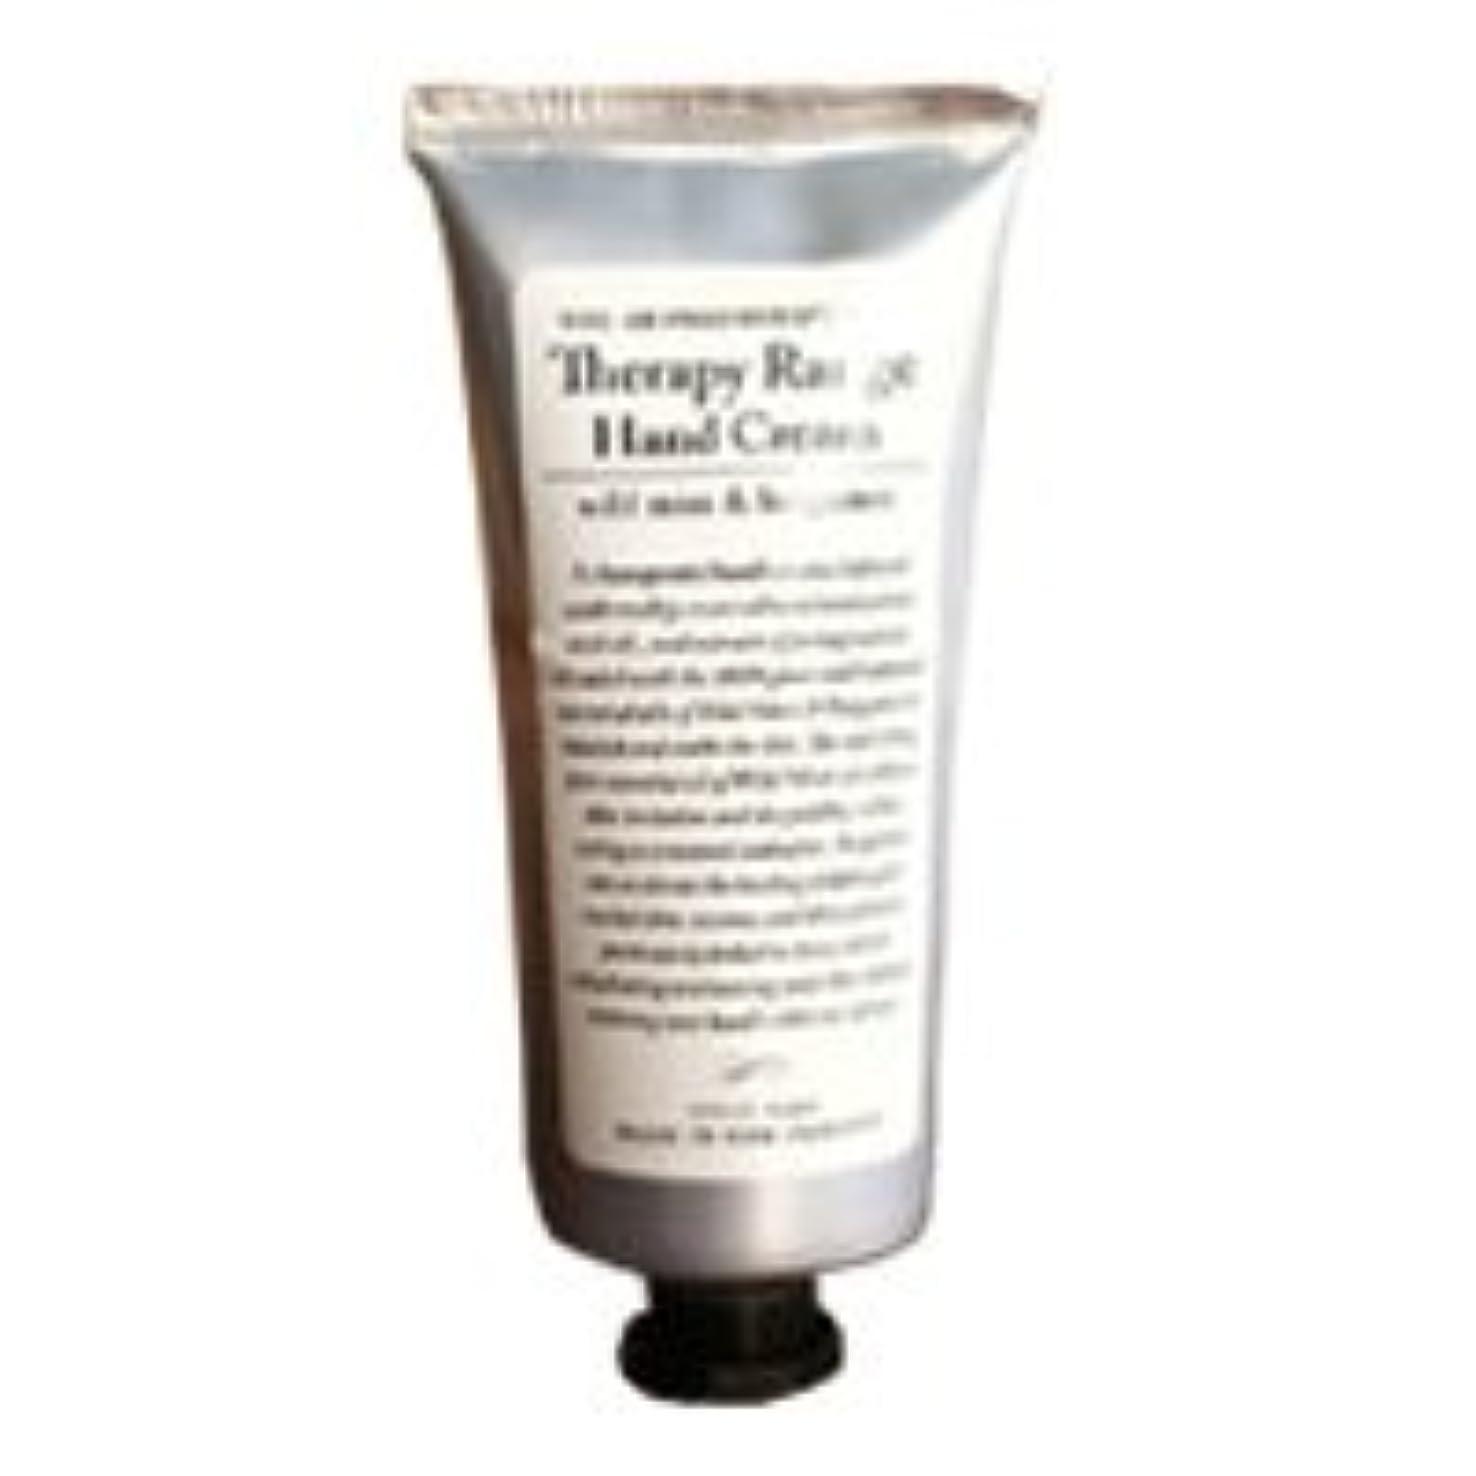 毎日実験牛Therapy Range(セラピーレンジ) Nourishiing Hand Cream ハンドクリーム ワンサイズ ワイルドミント&ベルガモット